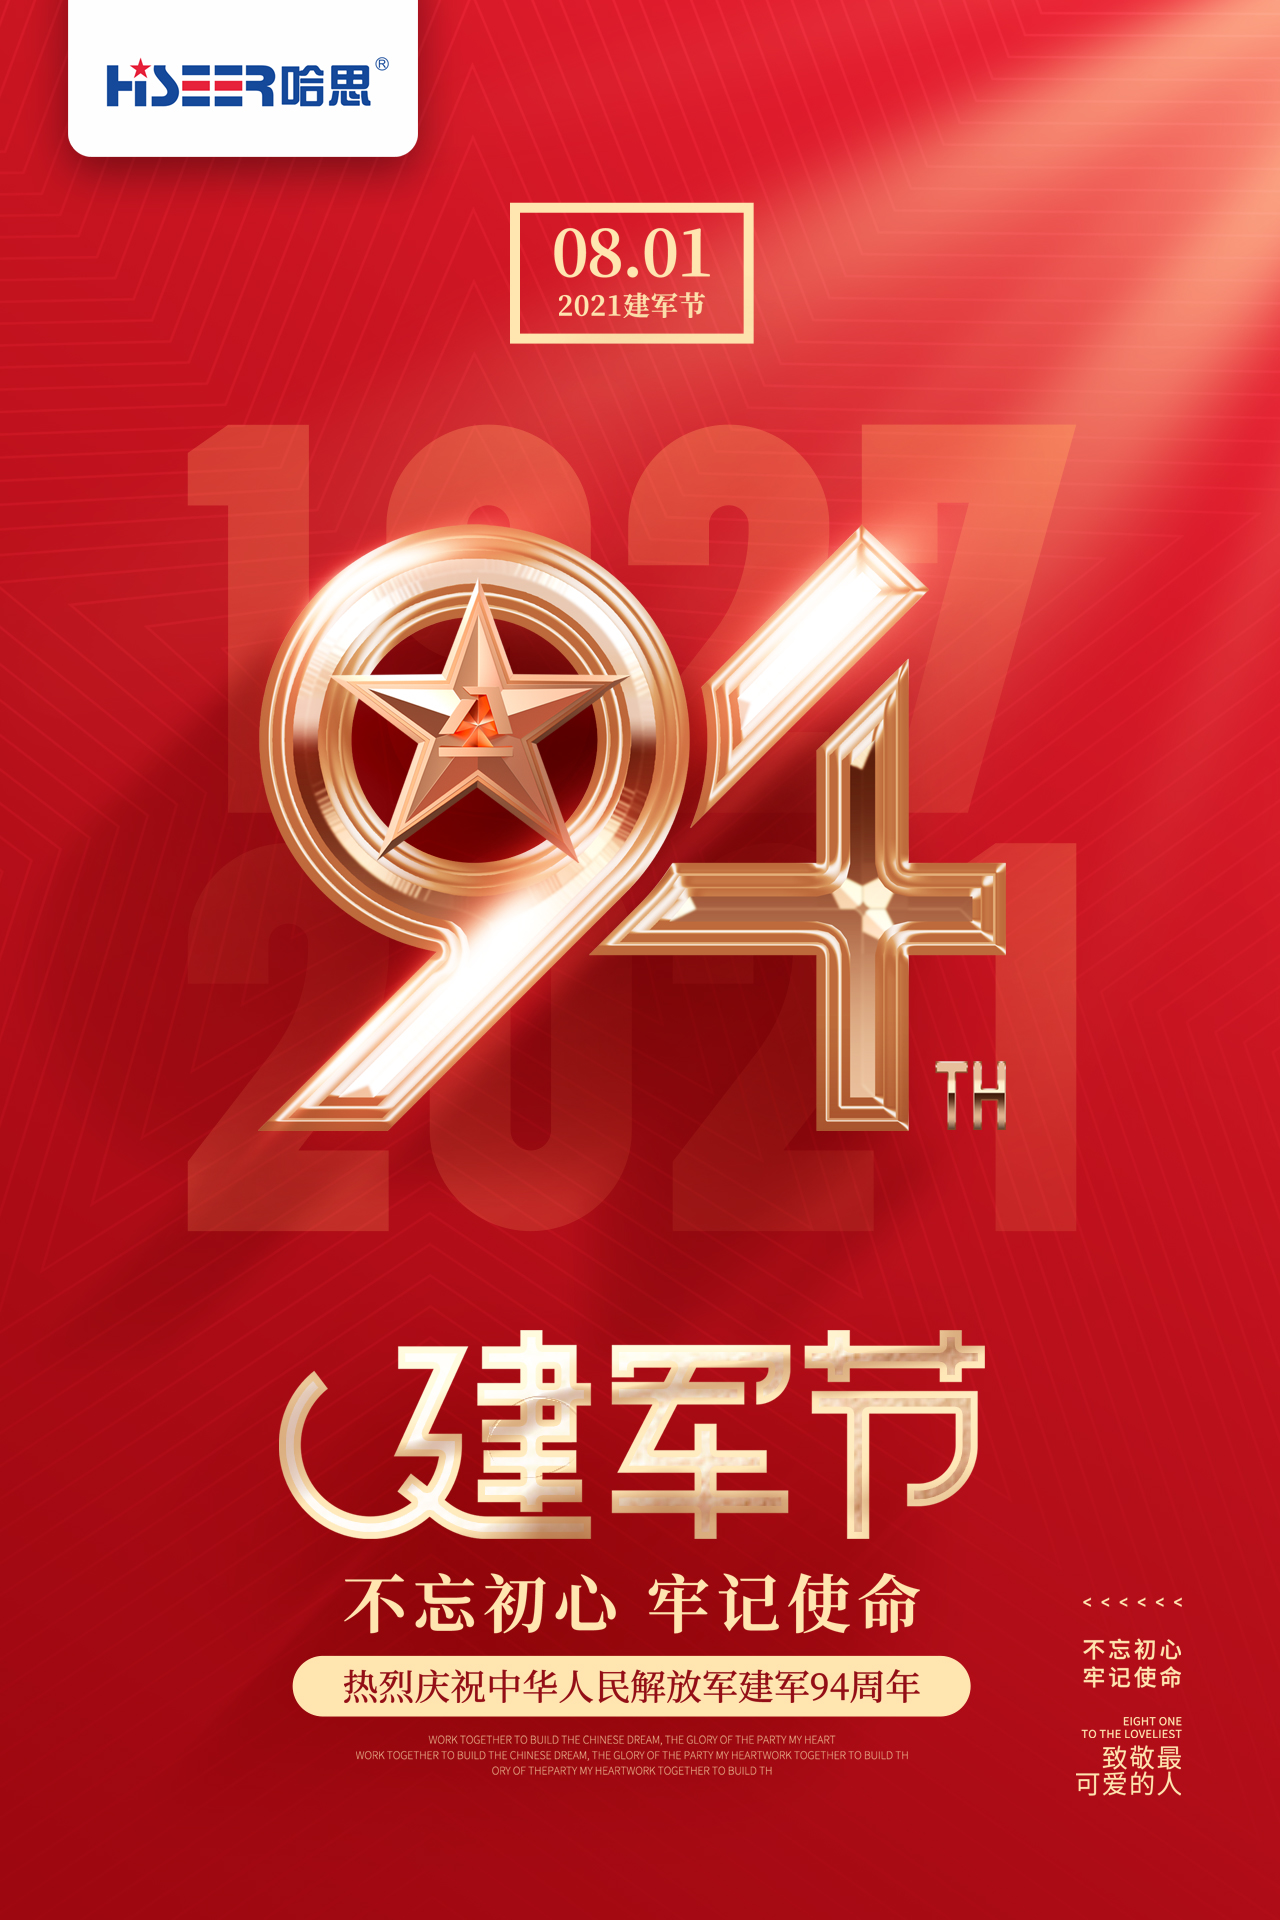 不忘初心,牢记使命,热烈庆祝中华人民解放军建军94周年!